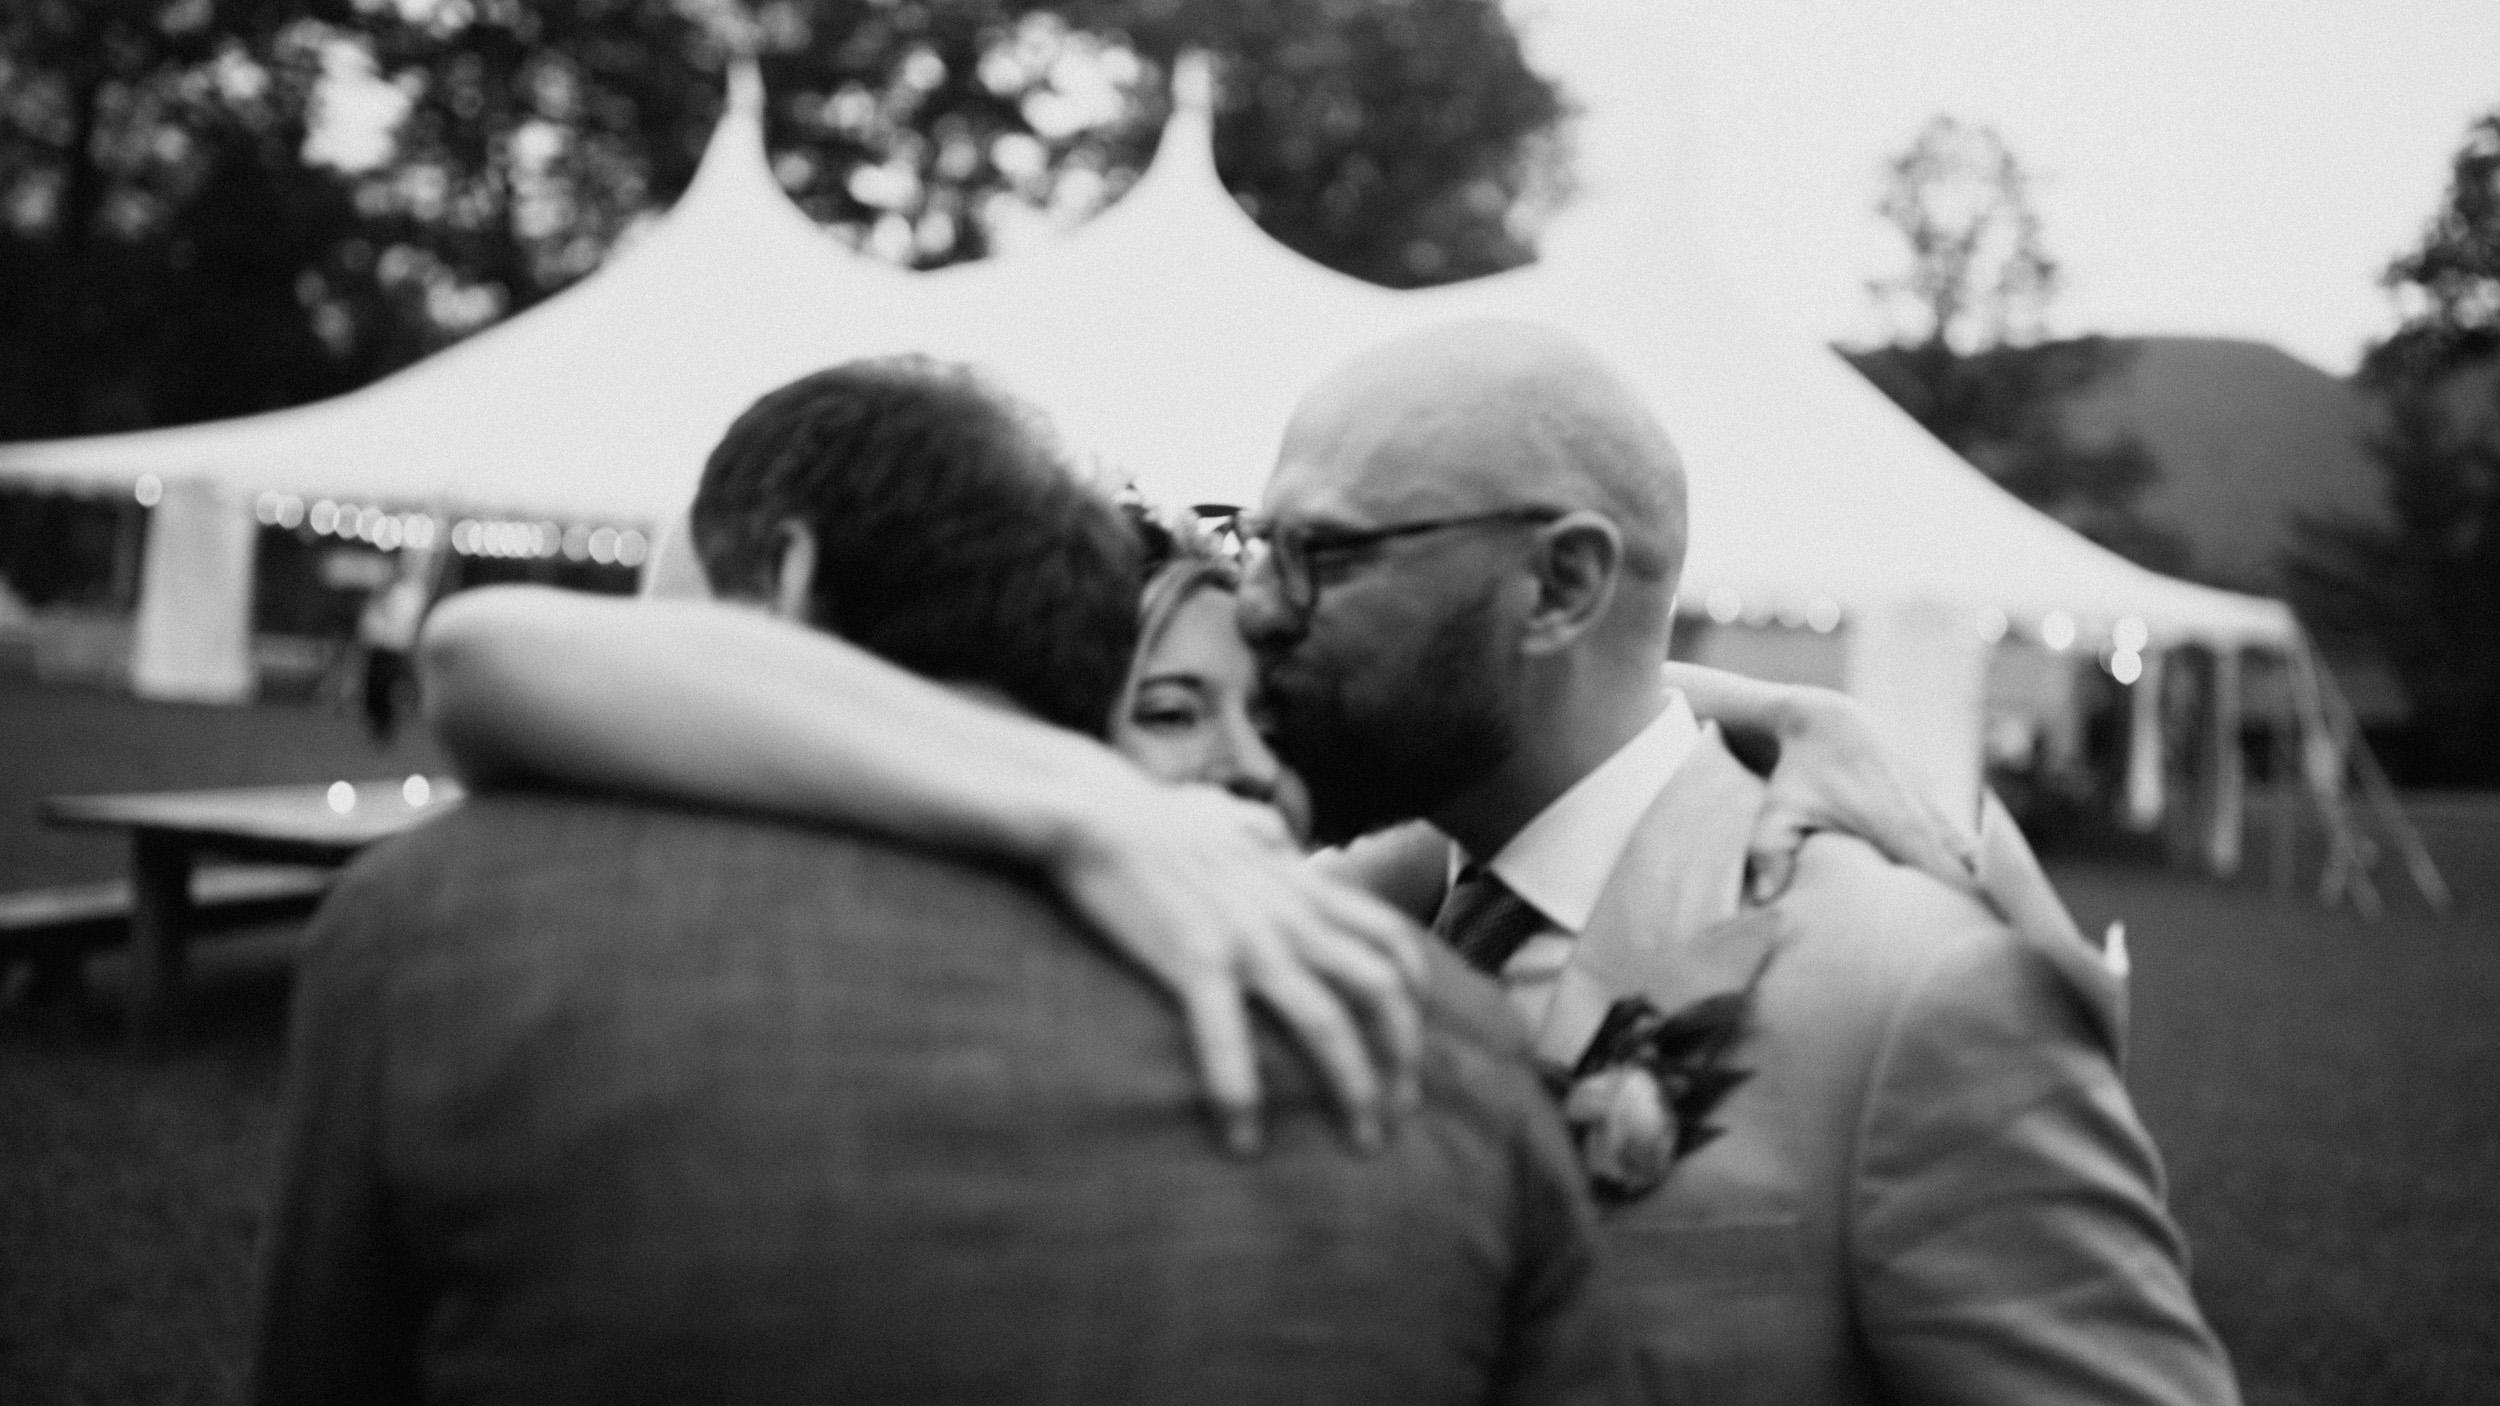 alec_vanderboom_vermont_wedding_photography-0117.jpg